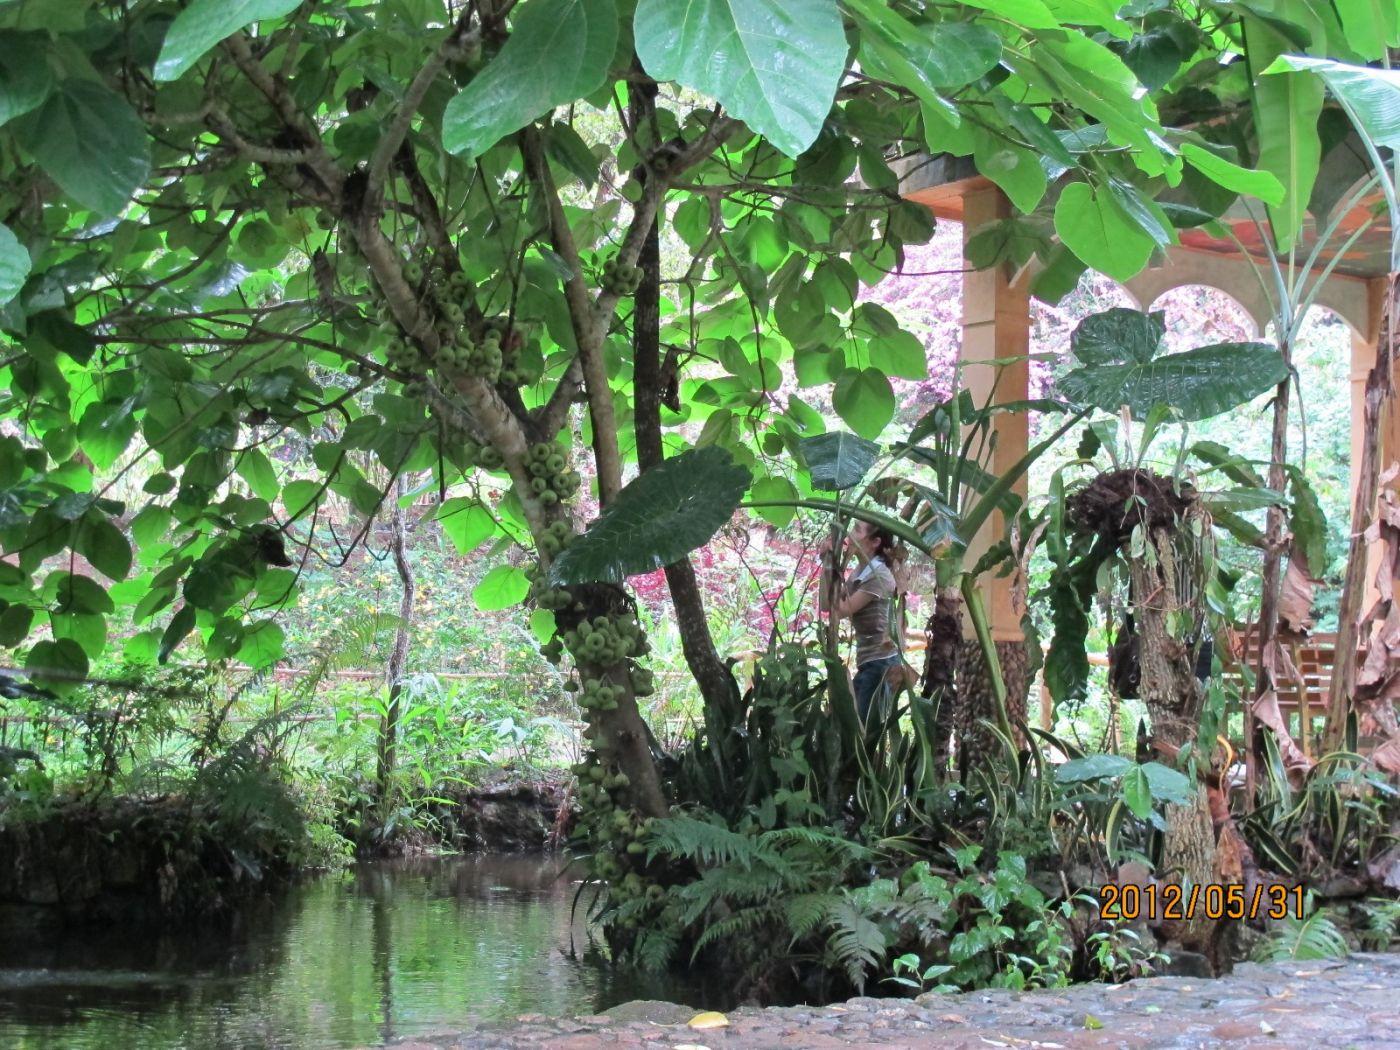 莫里热带雨林_图1-2